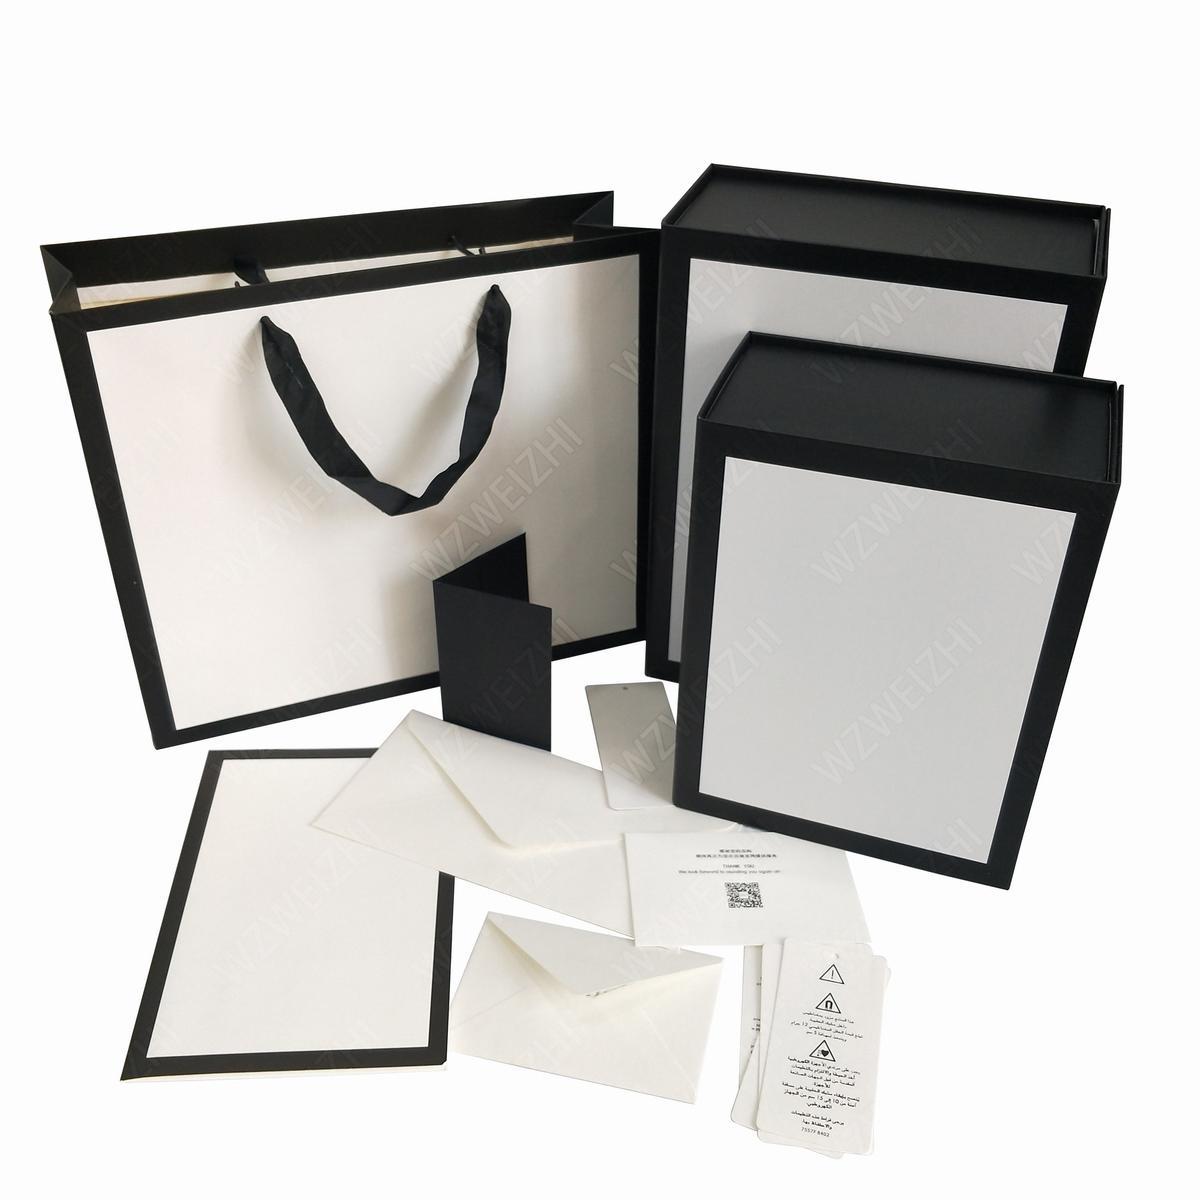 غرامة MARMONT المرأة الكتف CROSSBODY حقائب اليد اكسسوارات هدية مربع مع فاتورة بطاقة شهادة حقيبة اكسسوارات أجزاء